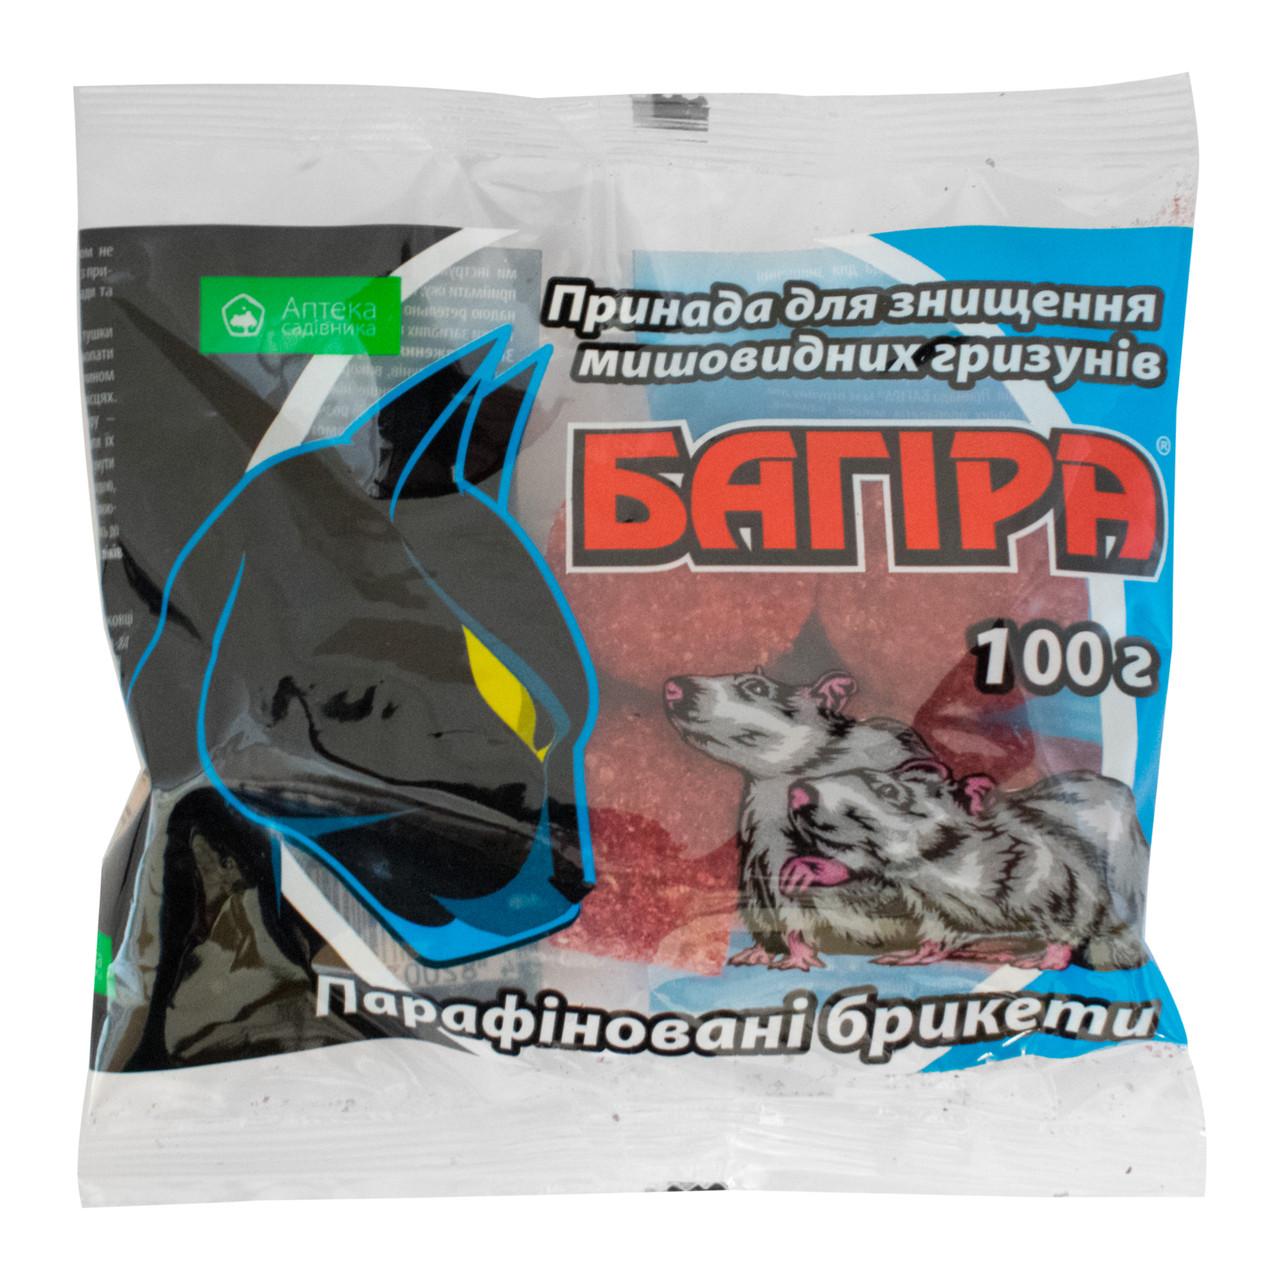 Брикеты от крыс и мышей Багира 100 г Укравіт